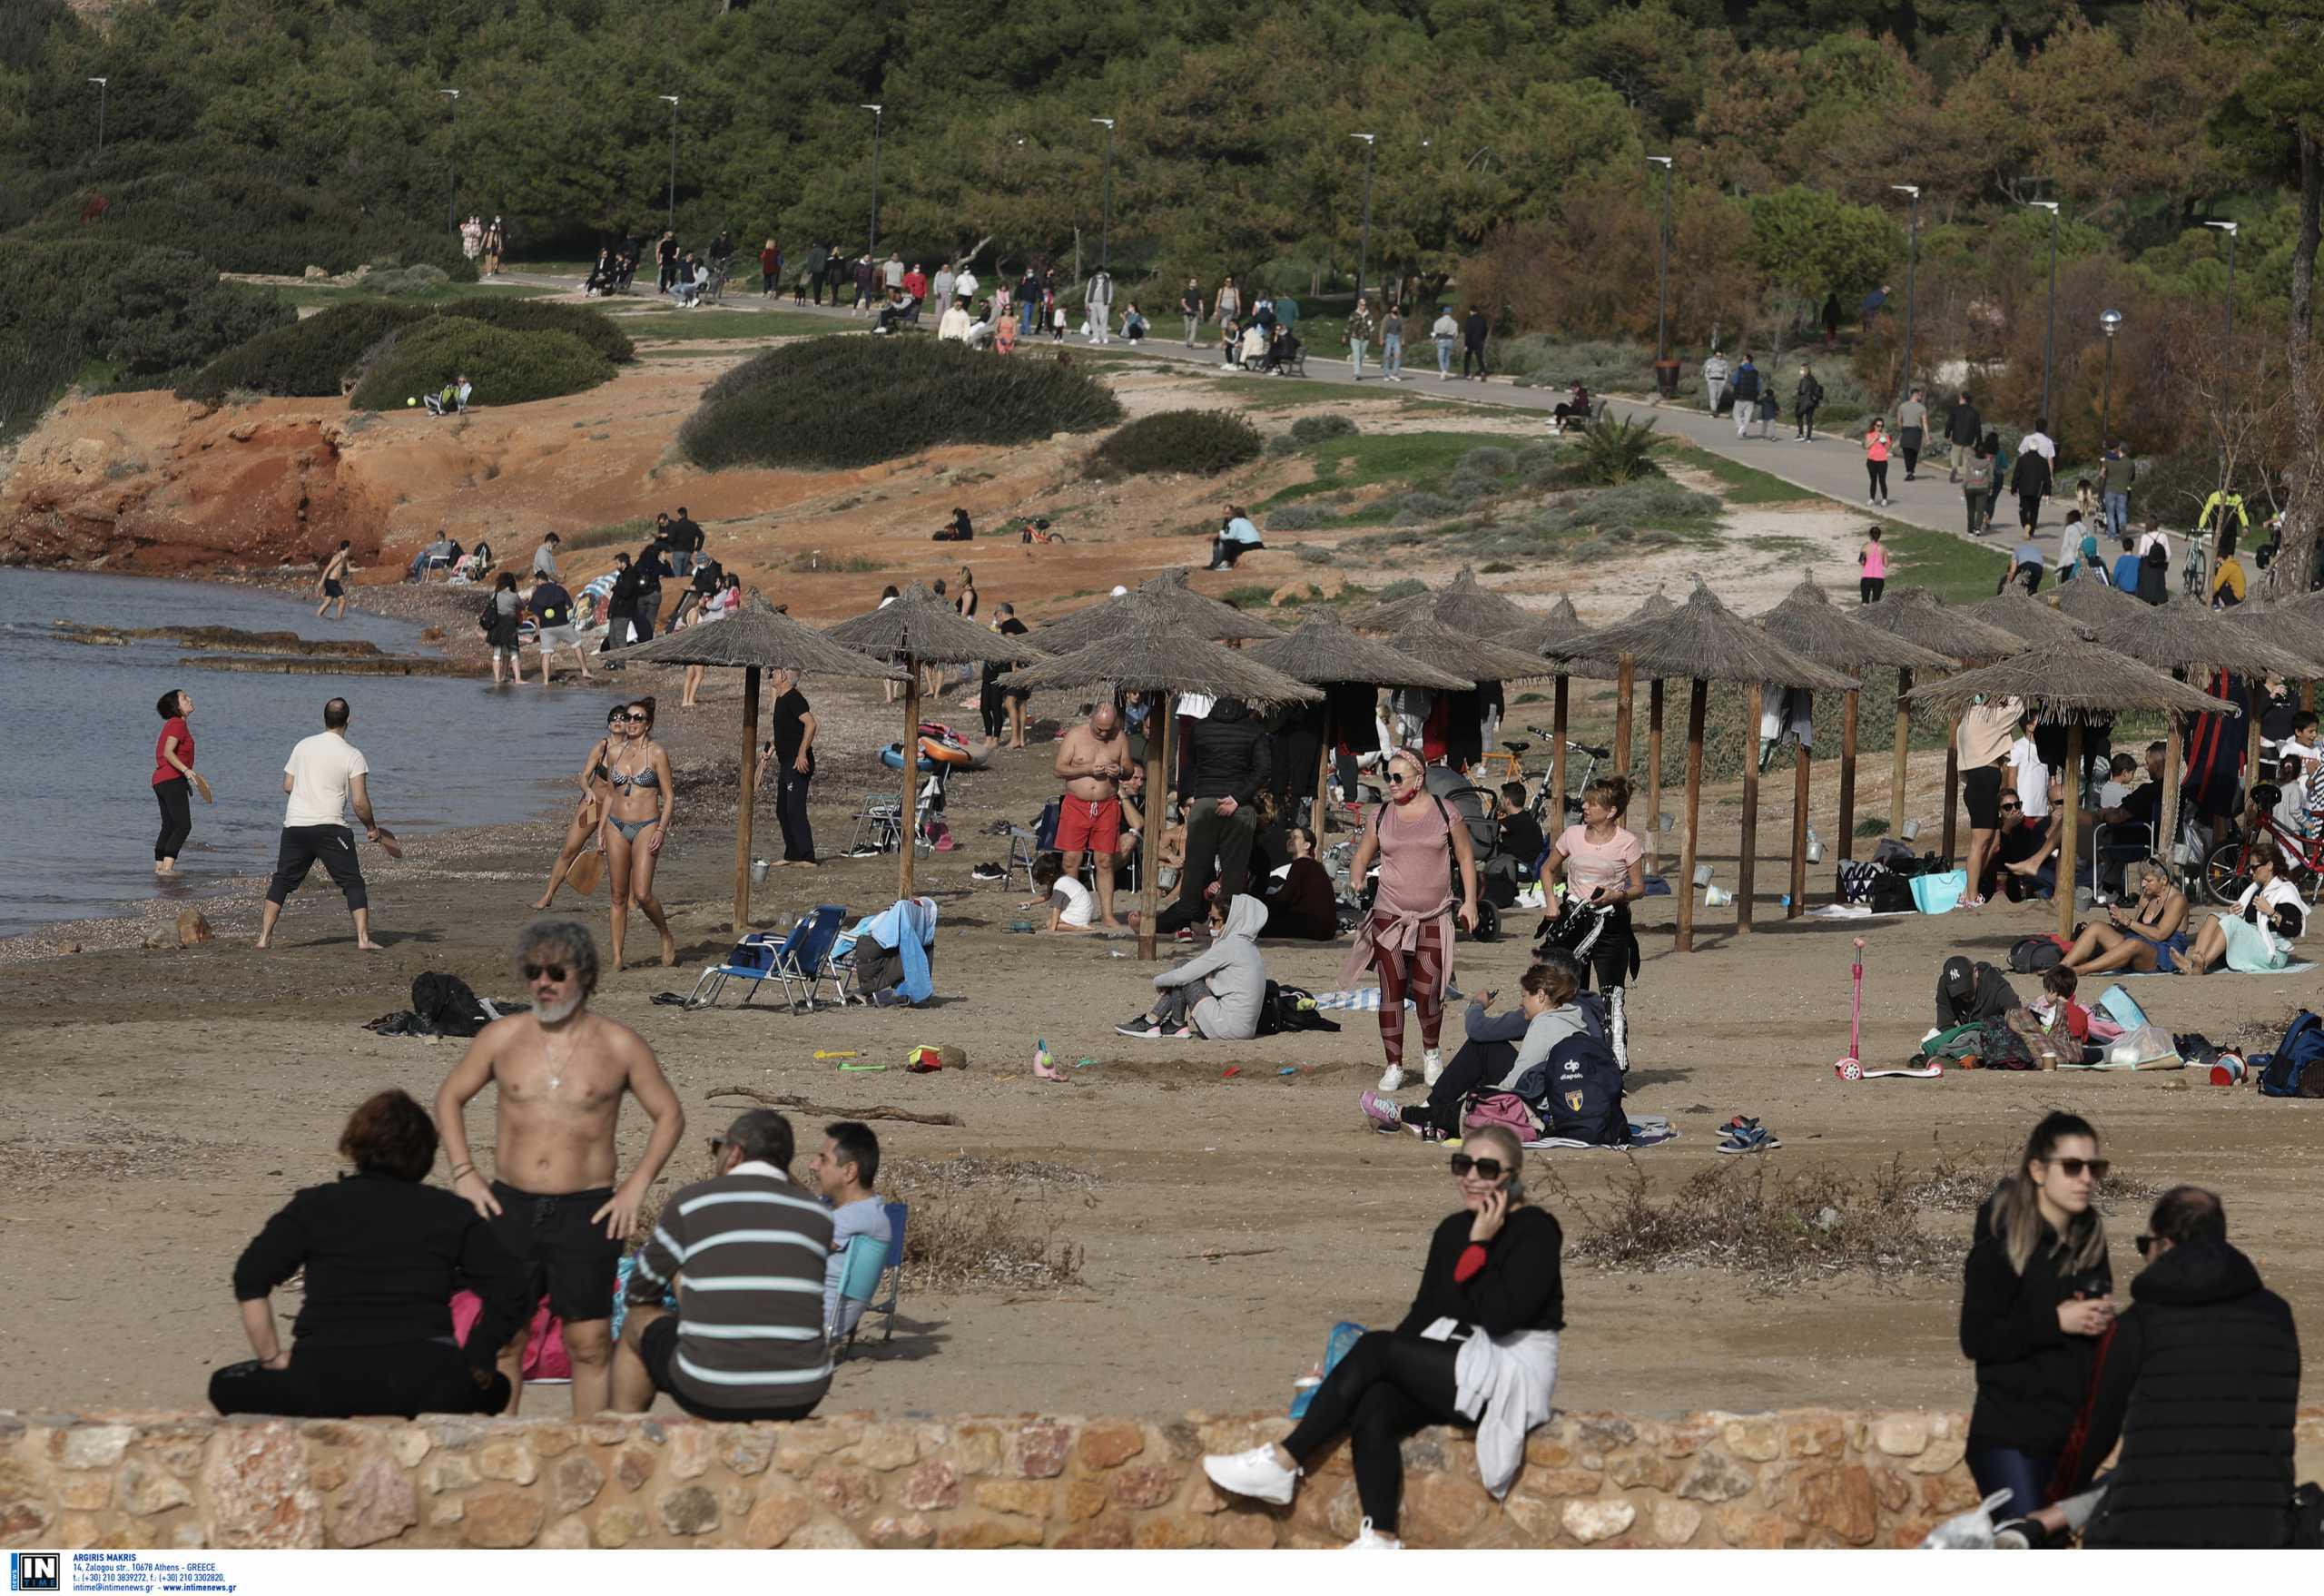 Ιστορικό ρεκόρ υψηλών θερμοκρασιών στην Αθήνα τον Δεκέμβριο και τον Ιανουάριο